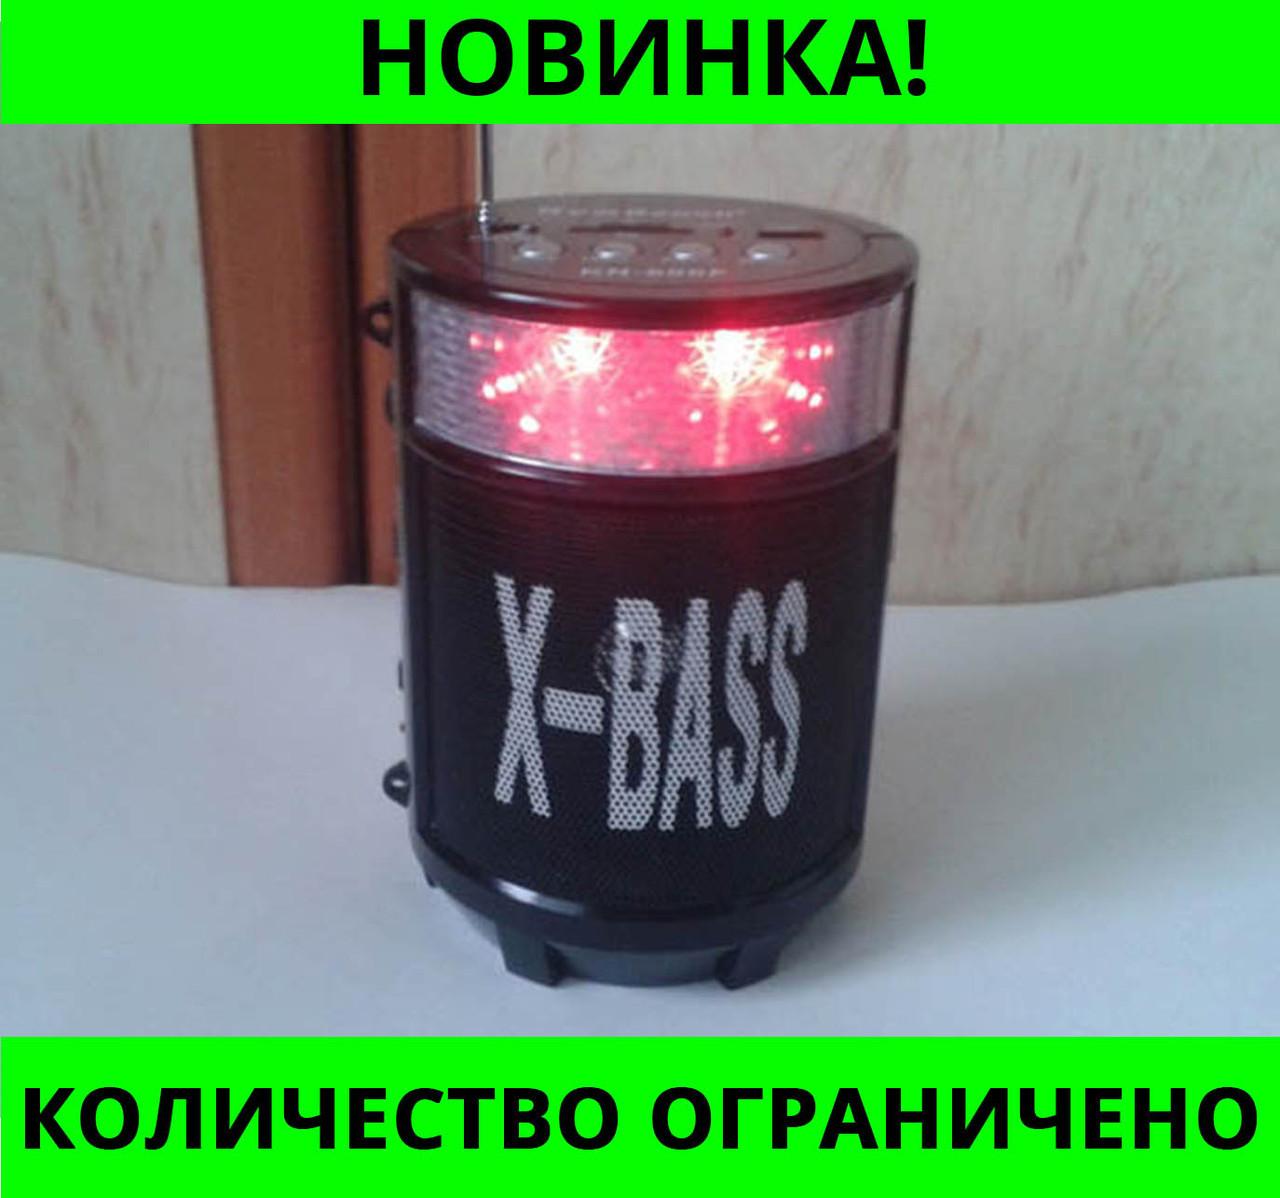 Цифровой Радиоприемник сканер - фонарь KN-608 URT!Розница и Опт